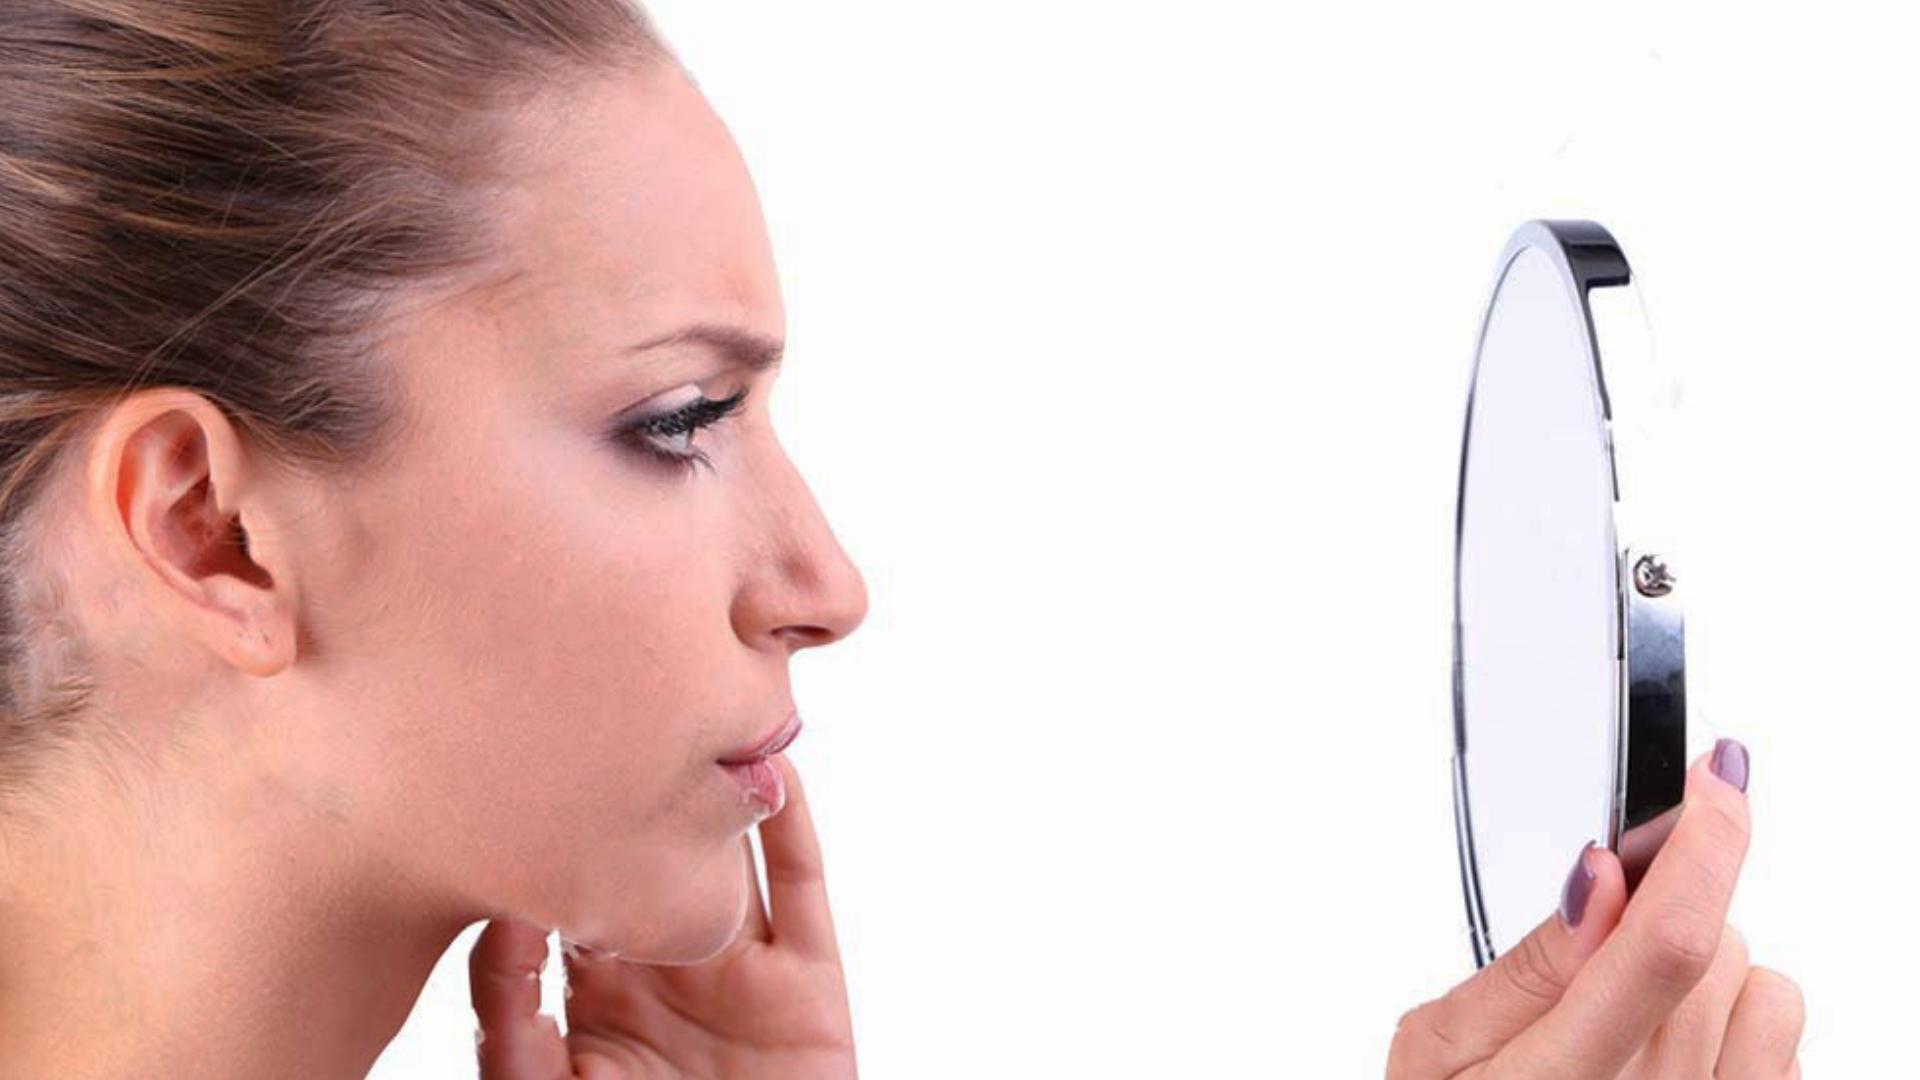 Beauty Tips: चेहरे के अनचाहे बाल होंगे हमेशा के लिए खत्म, बस अपनाएं ये 5 घरेलू उपाय